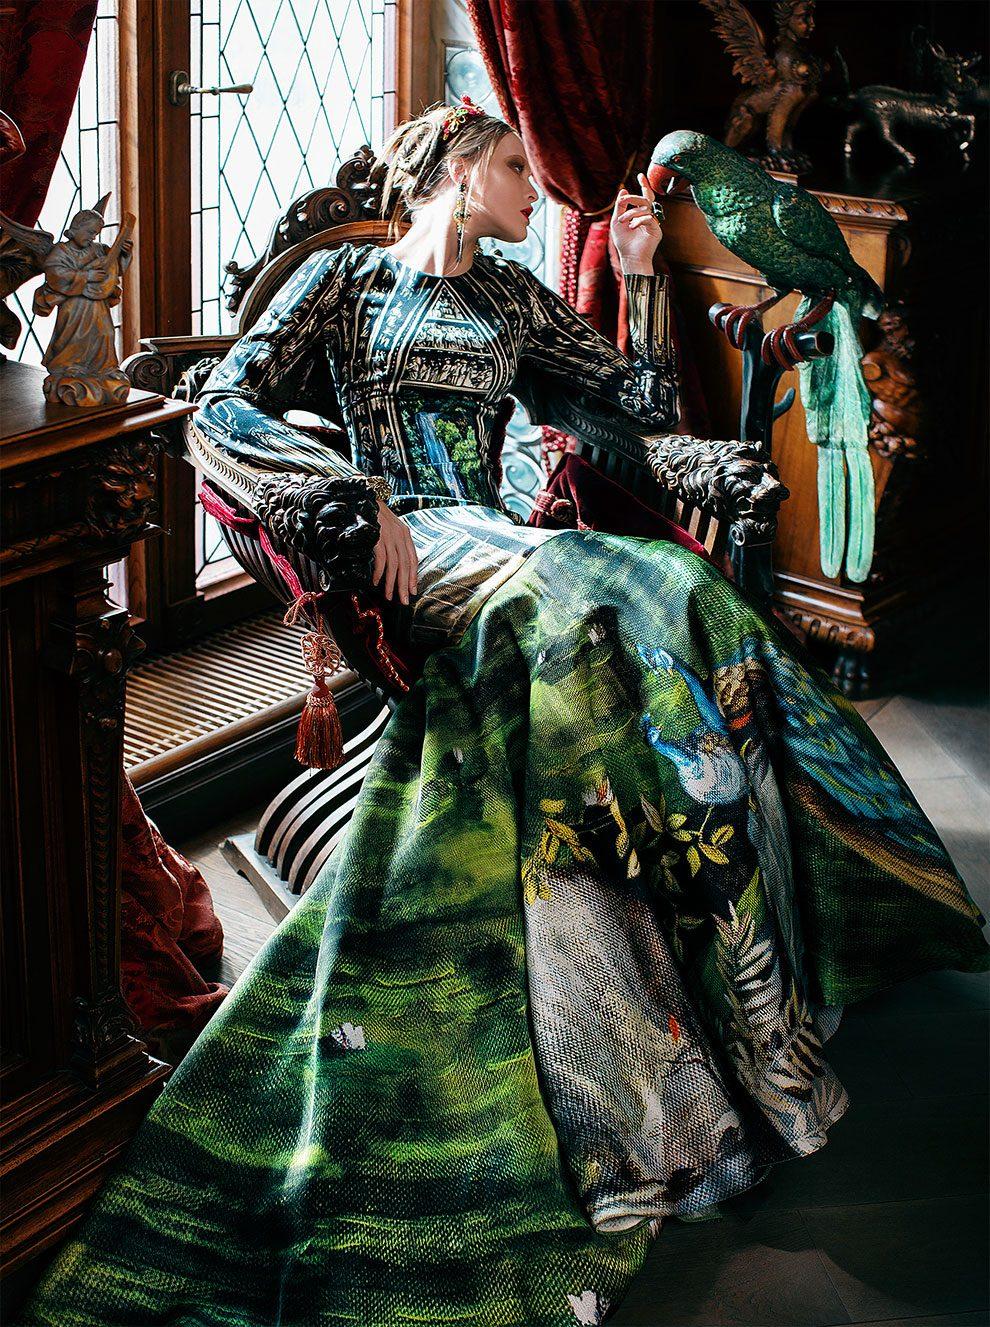 foto-moda-abiti-eleganti-marina-danilova-06